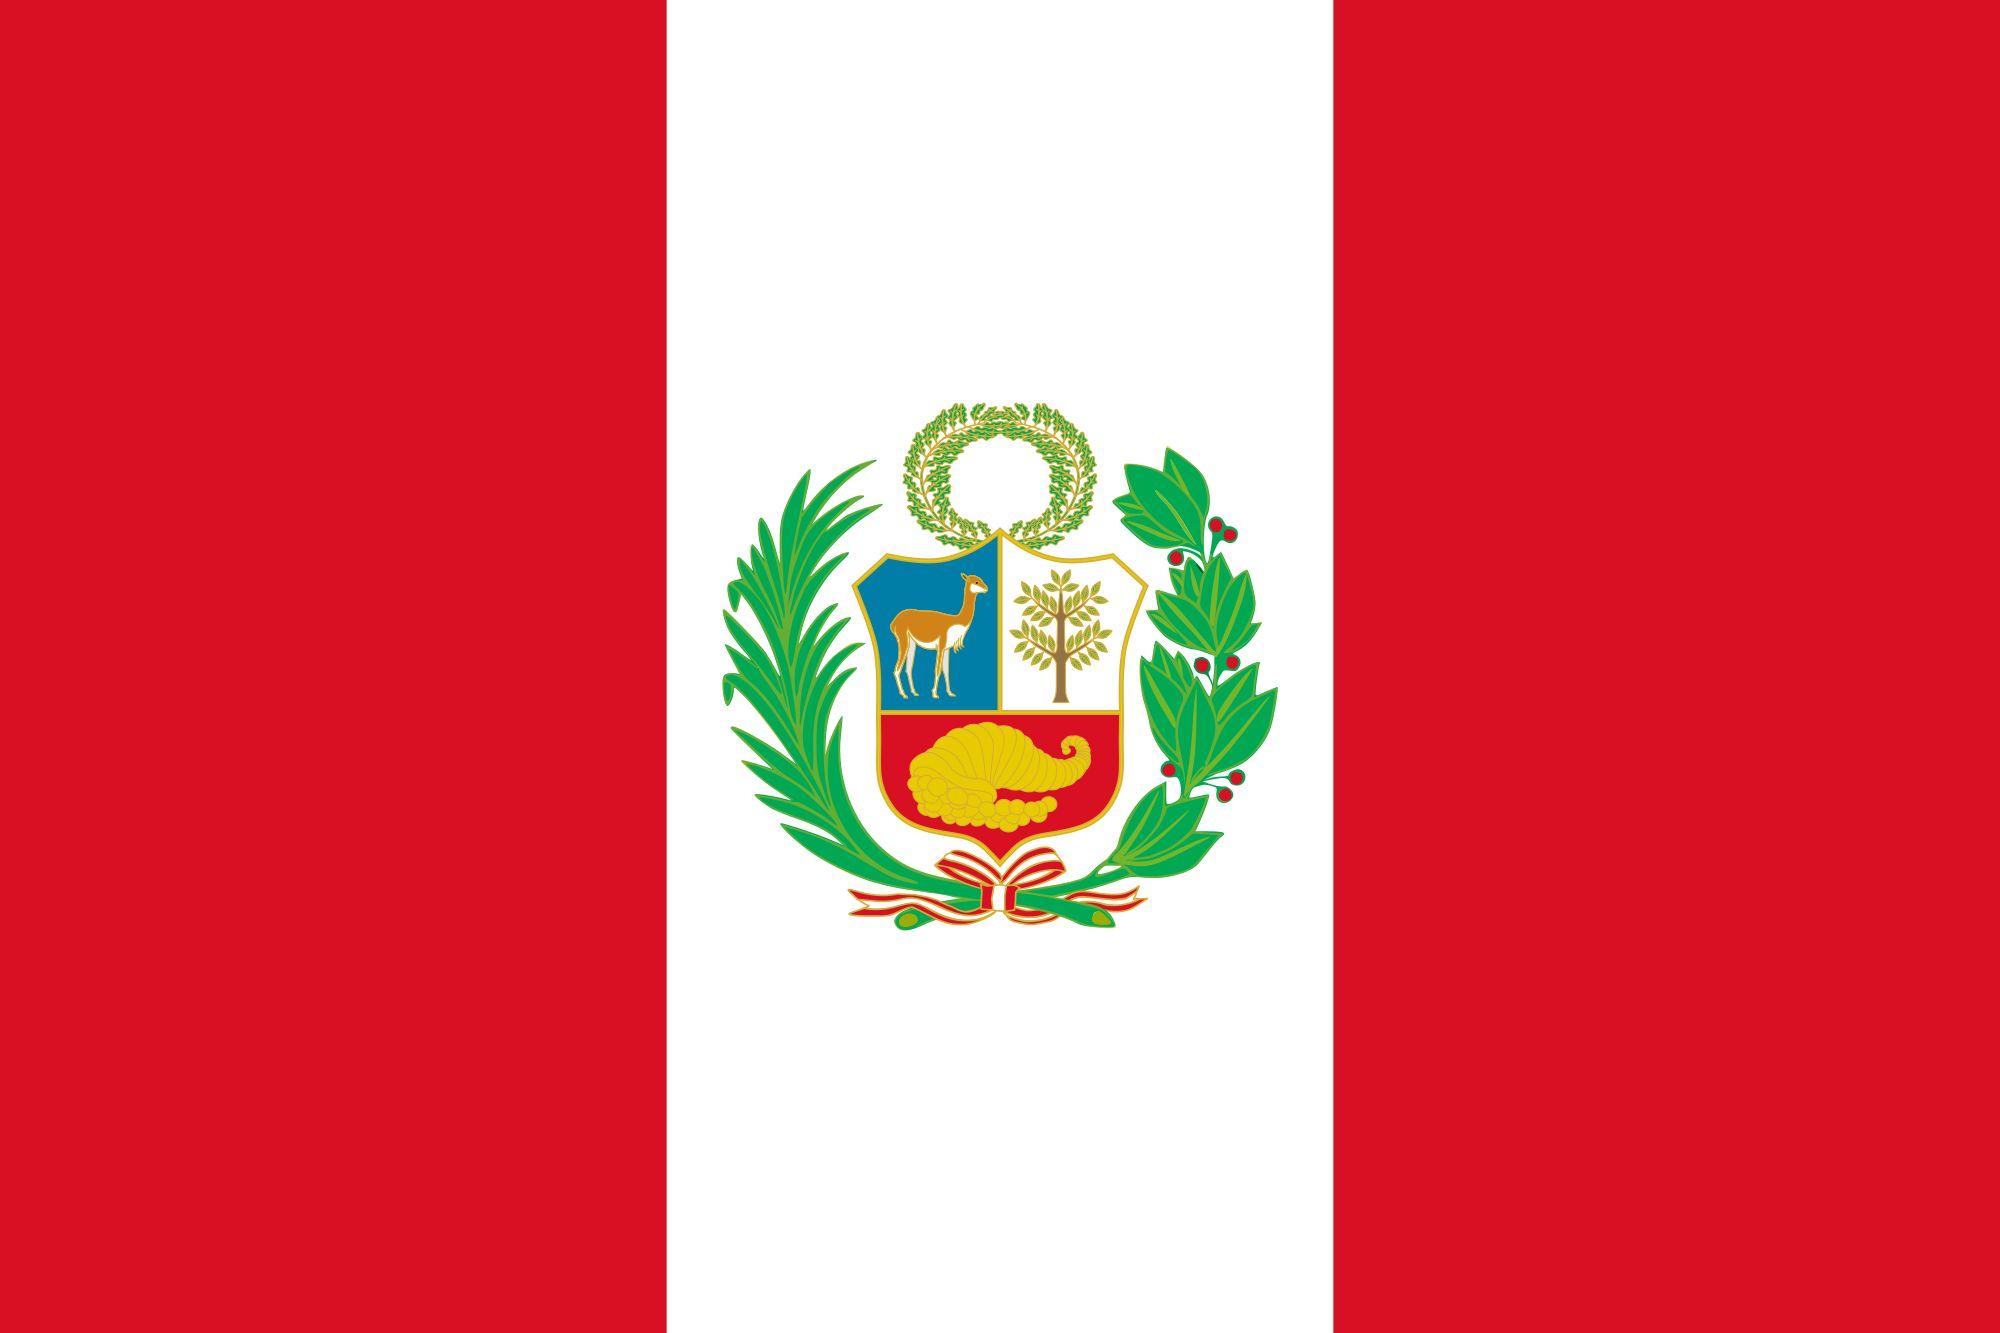 Drapeau Pérou - Le drapeau péruvien